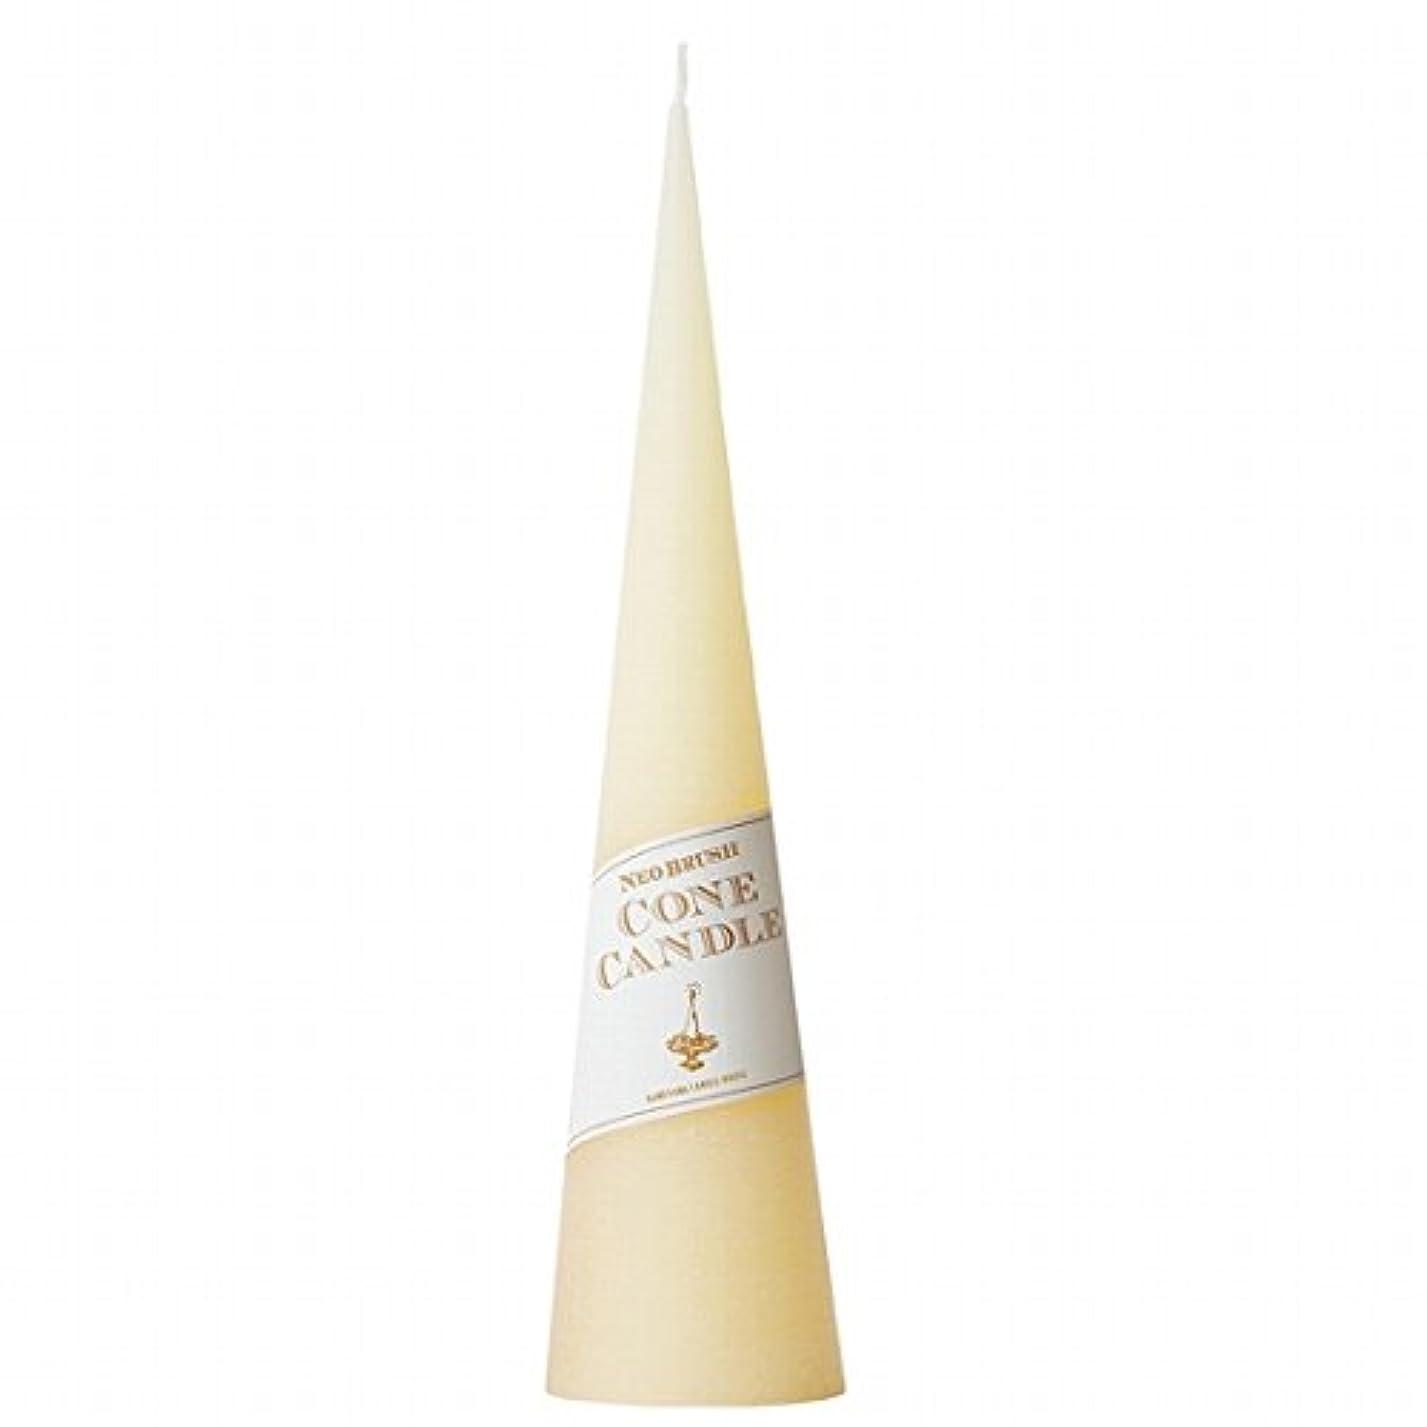 重要性アルコーブポルトガル語カメヤマキャンドル(kameyama candle) ネオブラッシュコーン 295 キャンドル 「 アイボリー 」